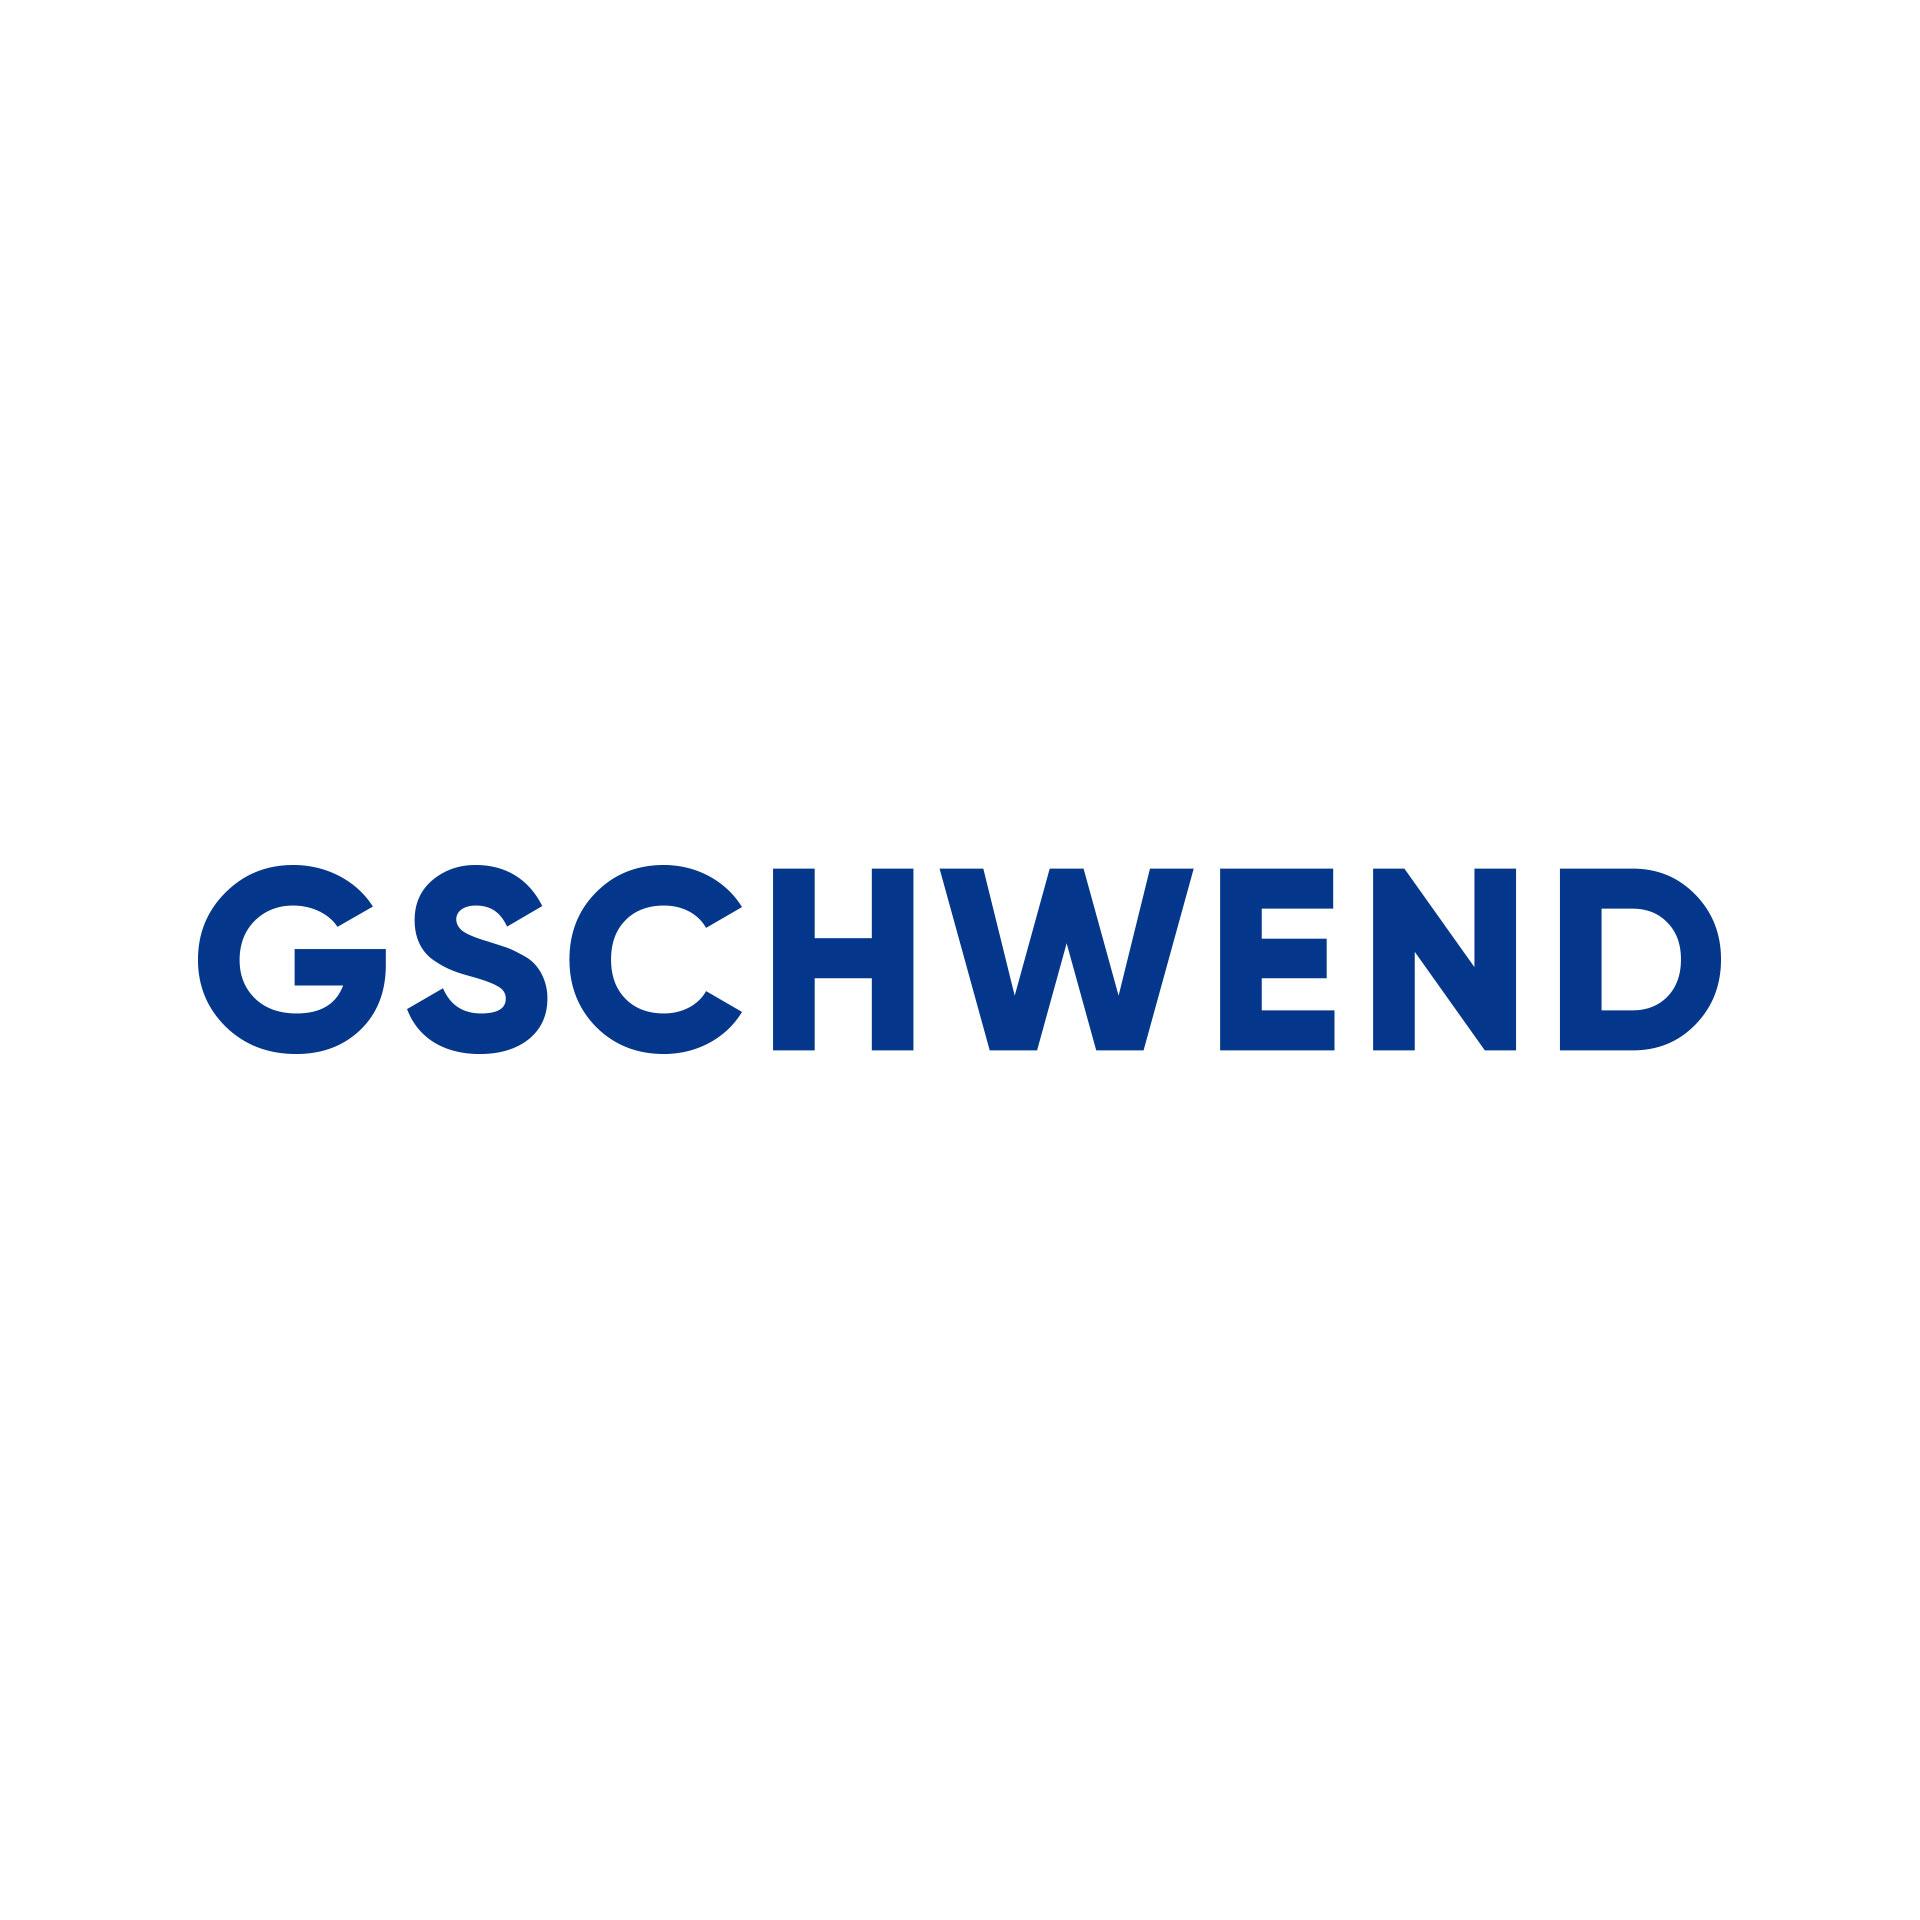 Gschwend_Logo.jpg